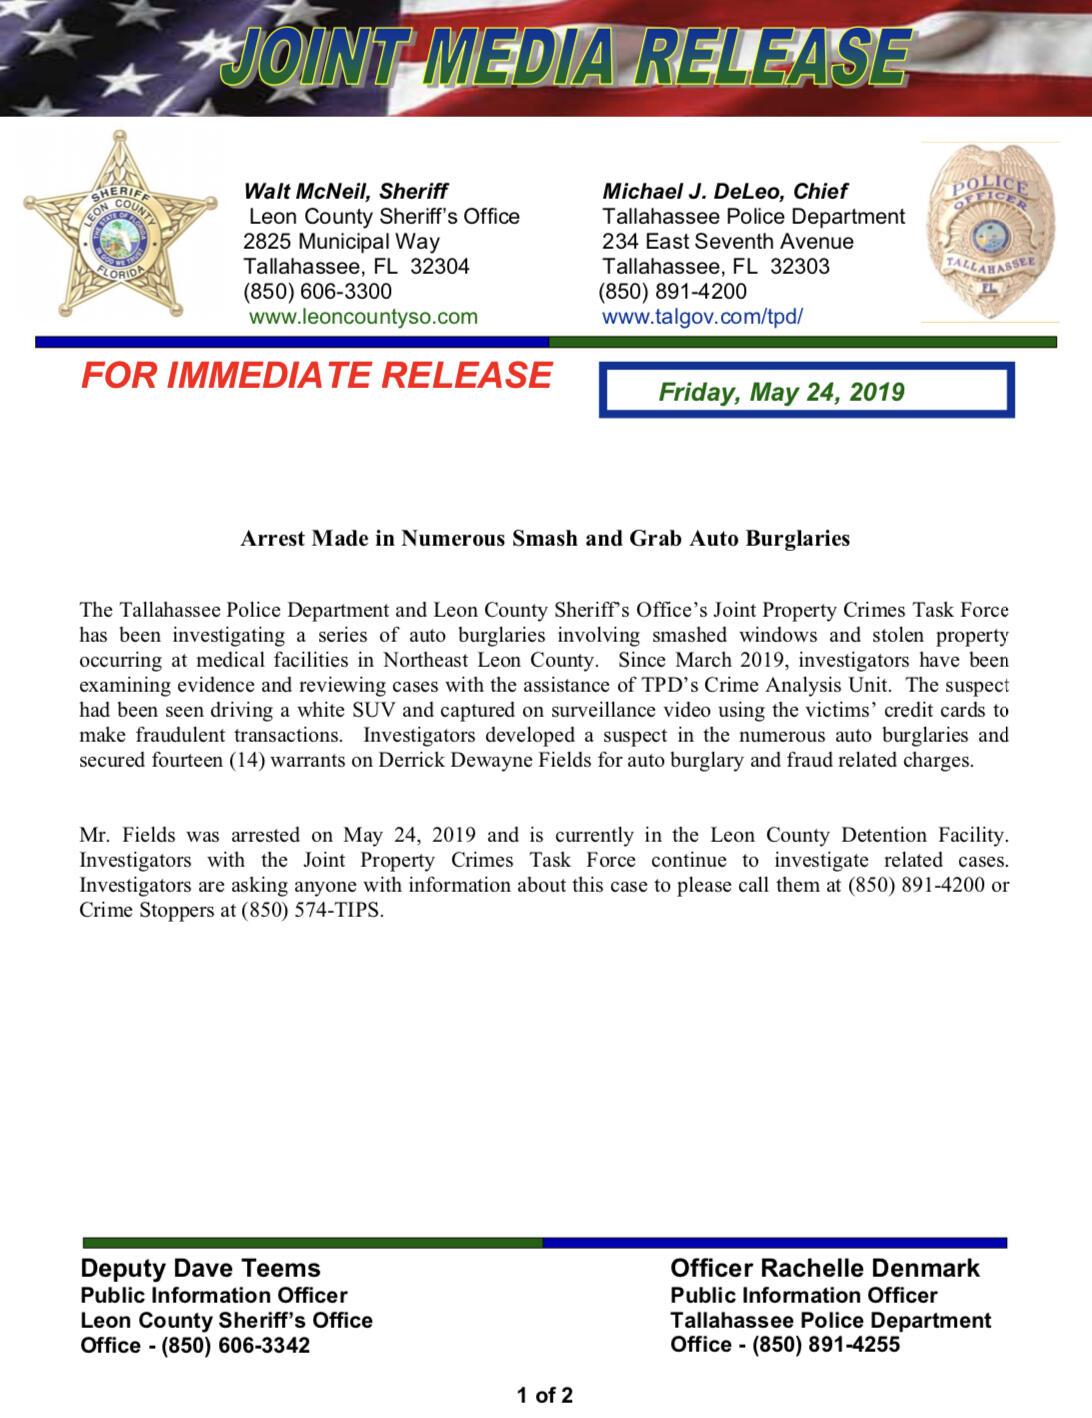 Arrest Made in Numerous 'Smash and Grab' Auto Burglaries